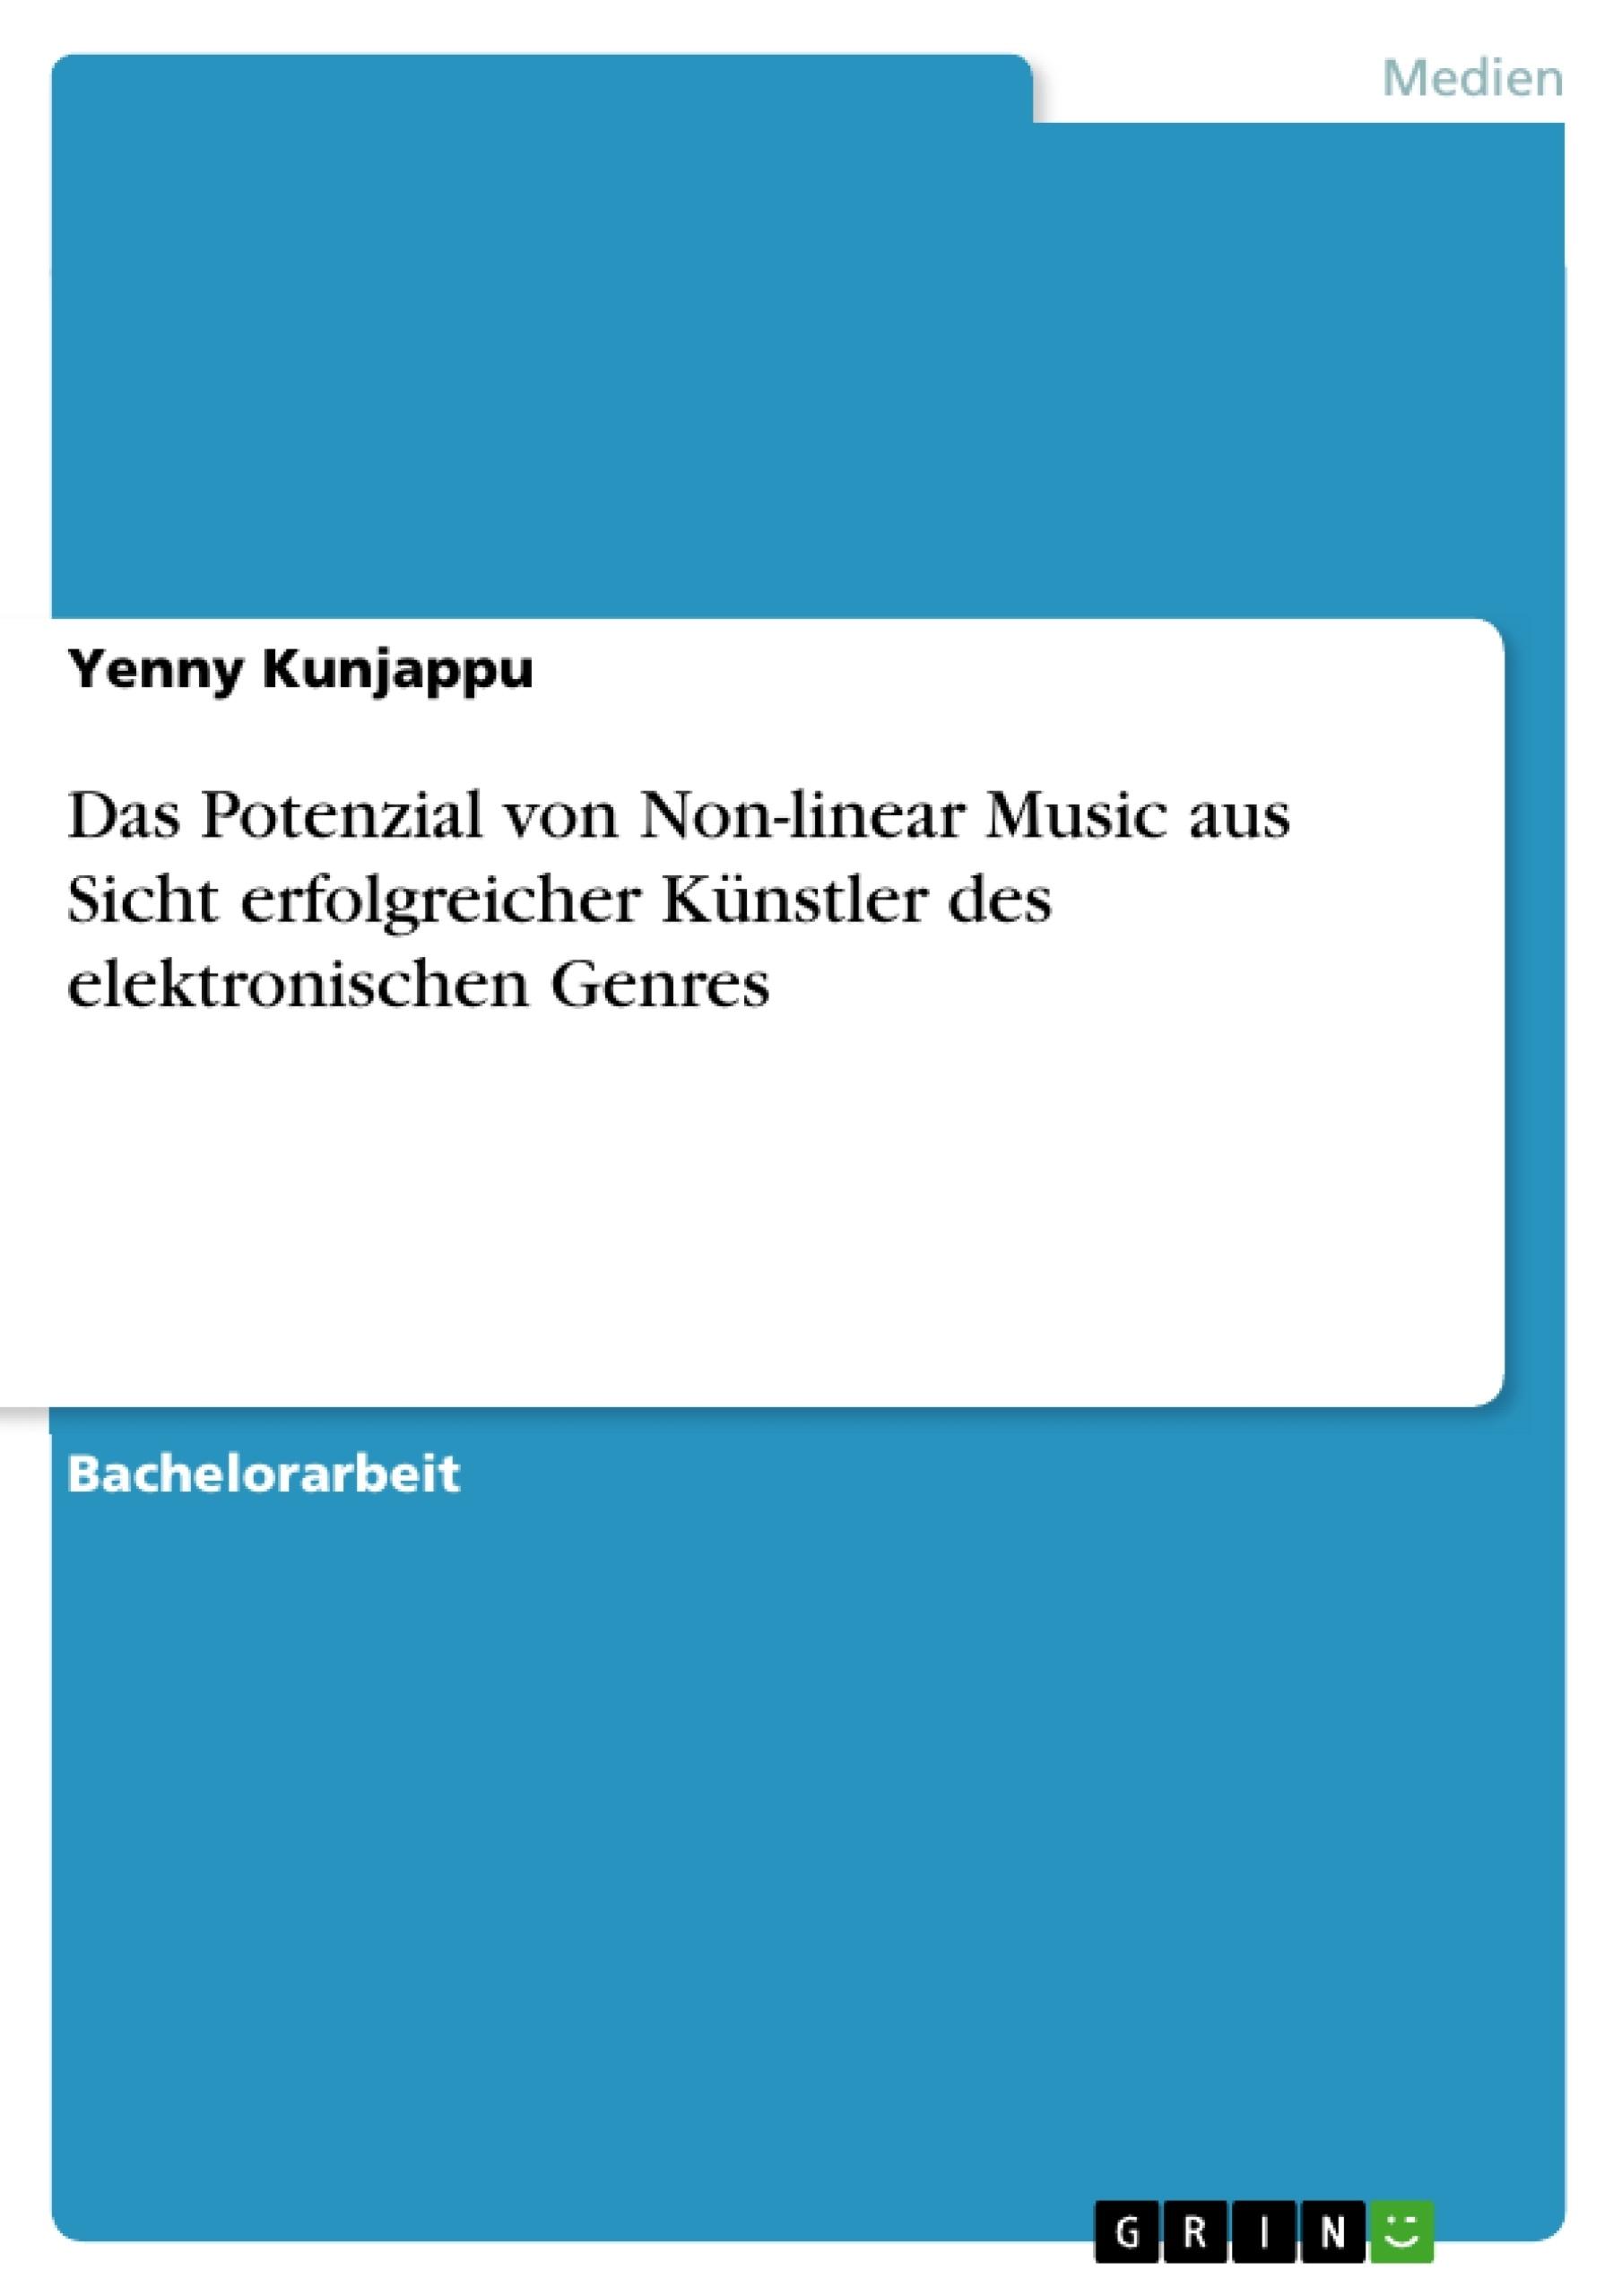 Titel: Das Potenzial von Non-linear Music aus Sicht erfolgreicher Künstler des elektronischen Genres